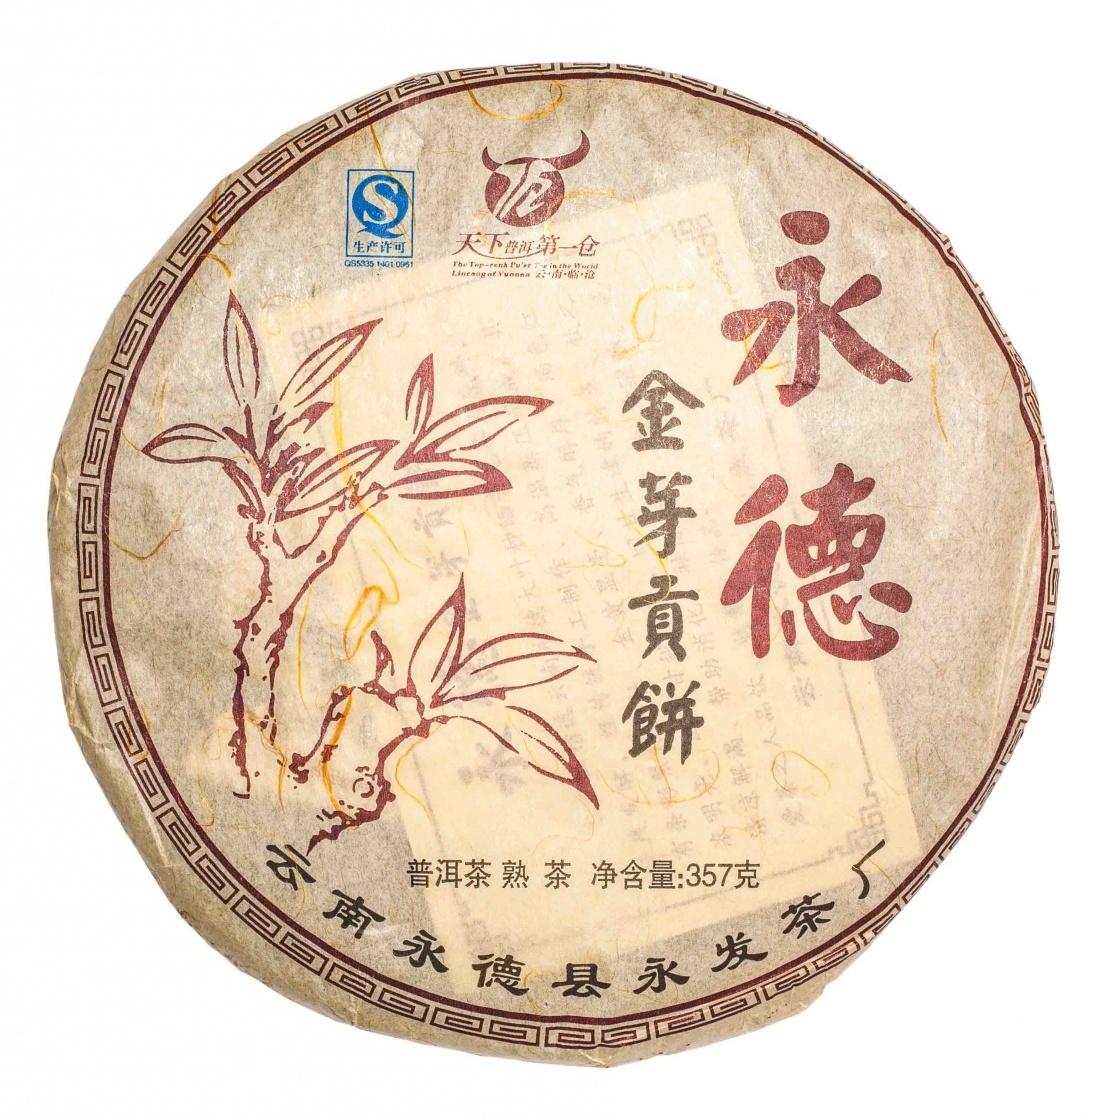 купить Шу Пуэр Гун Тин (Императорский пуэр) фаб. Вэй Ши Хун, 2011, блин, 357 г недорого